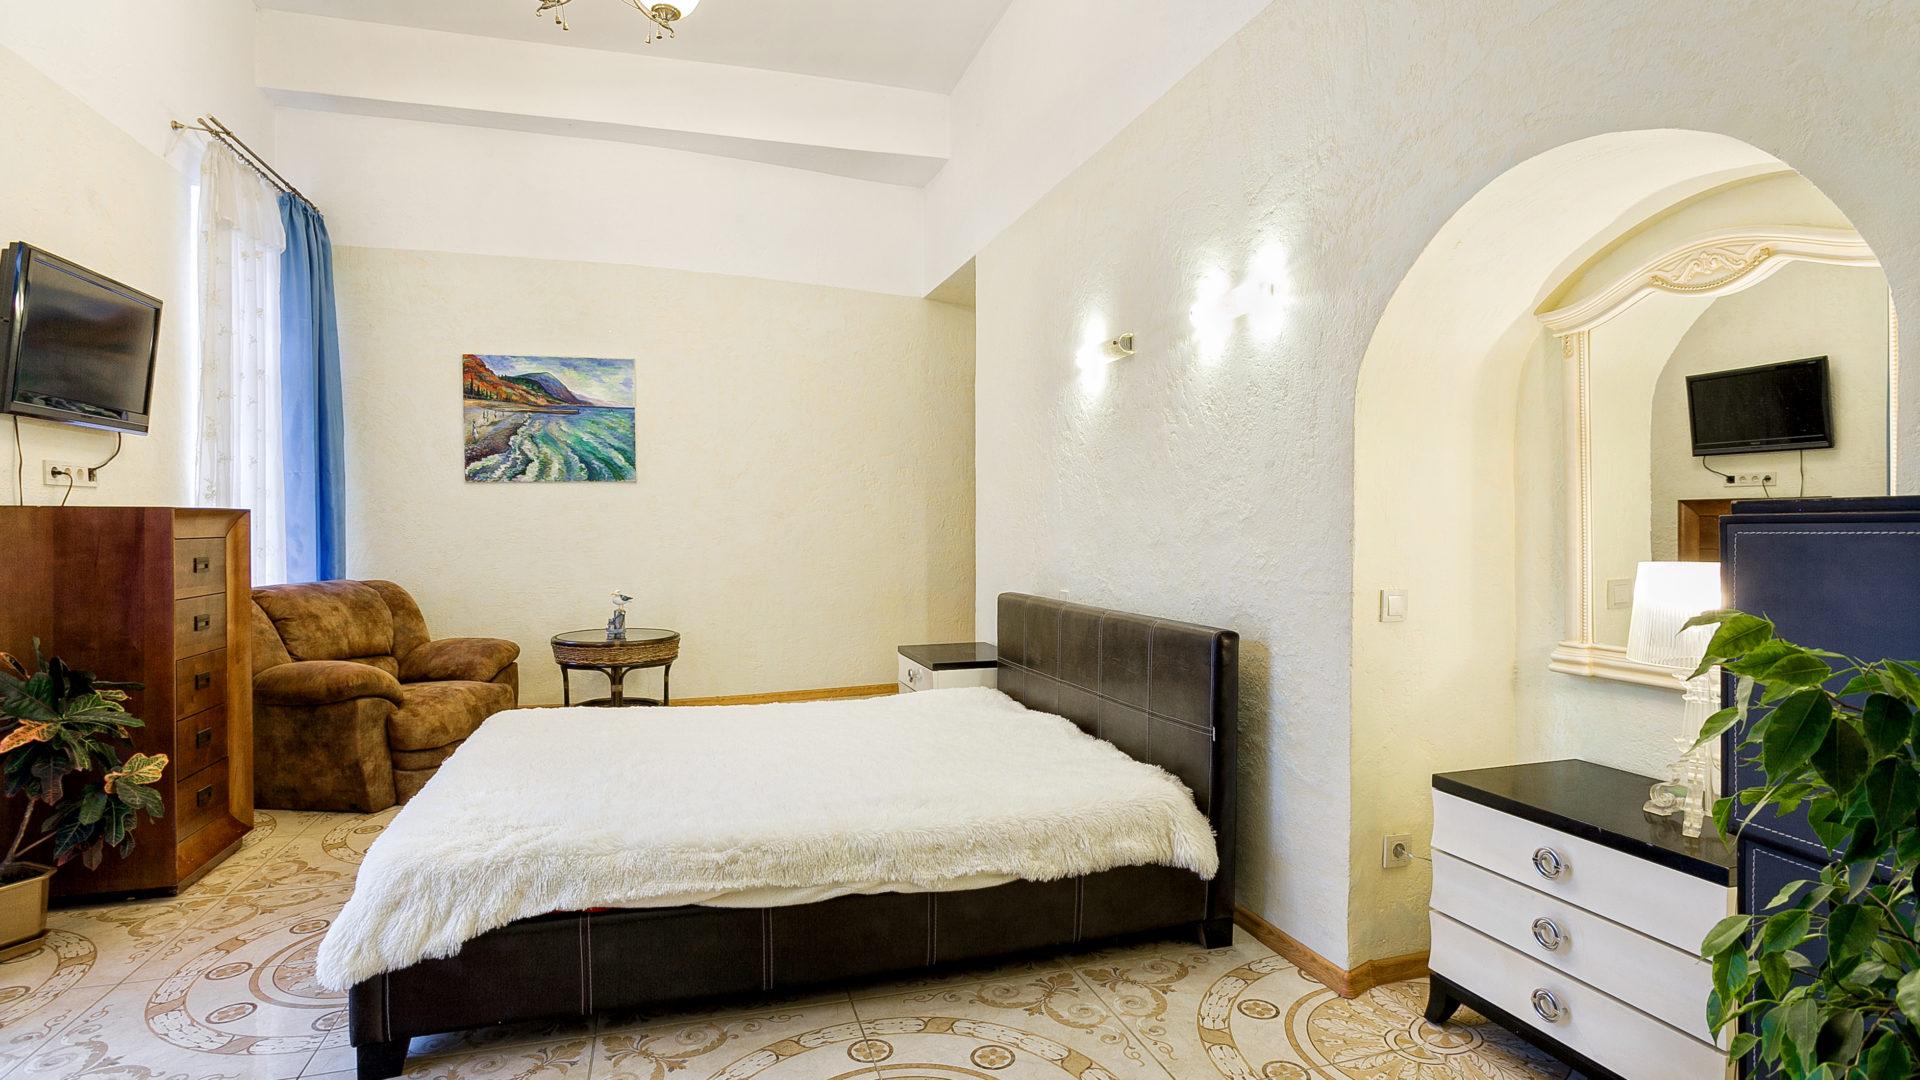 Апартаменты с дизайнерским интерьером в Ялте